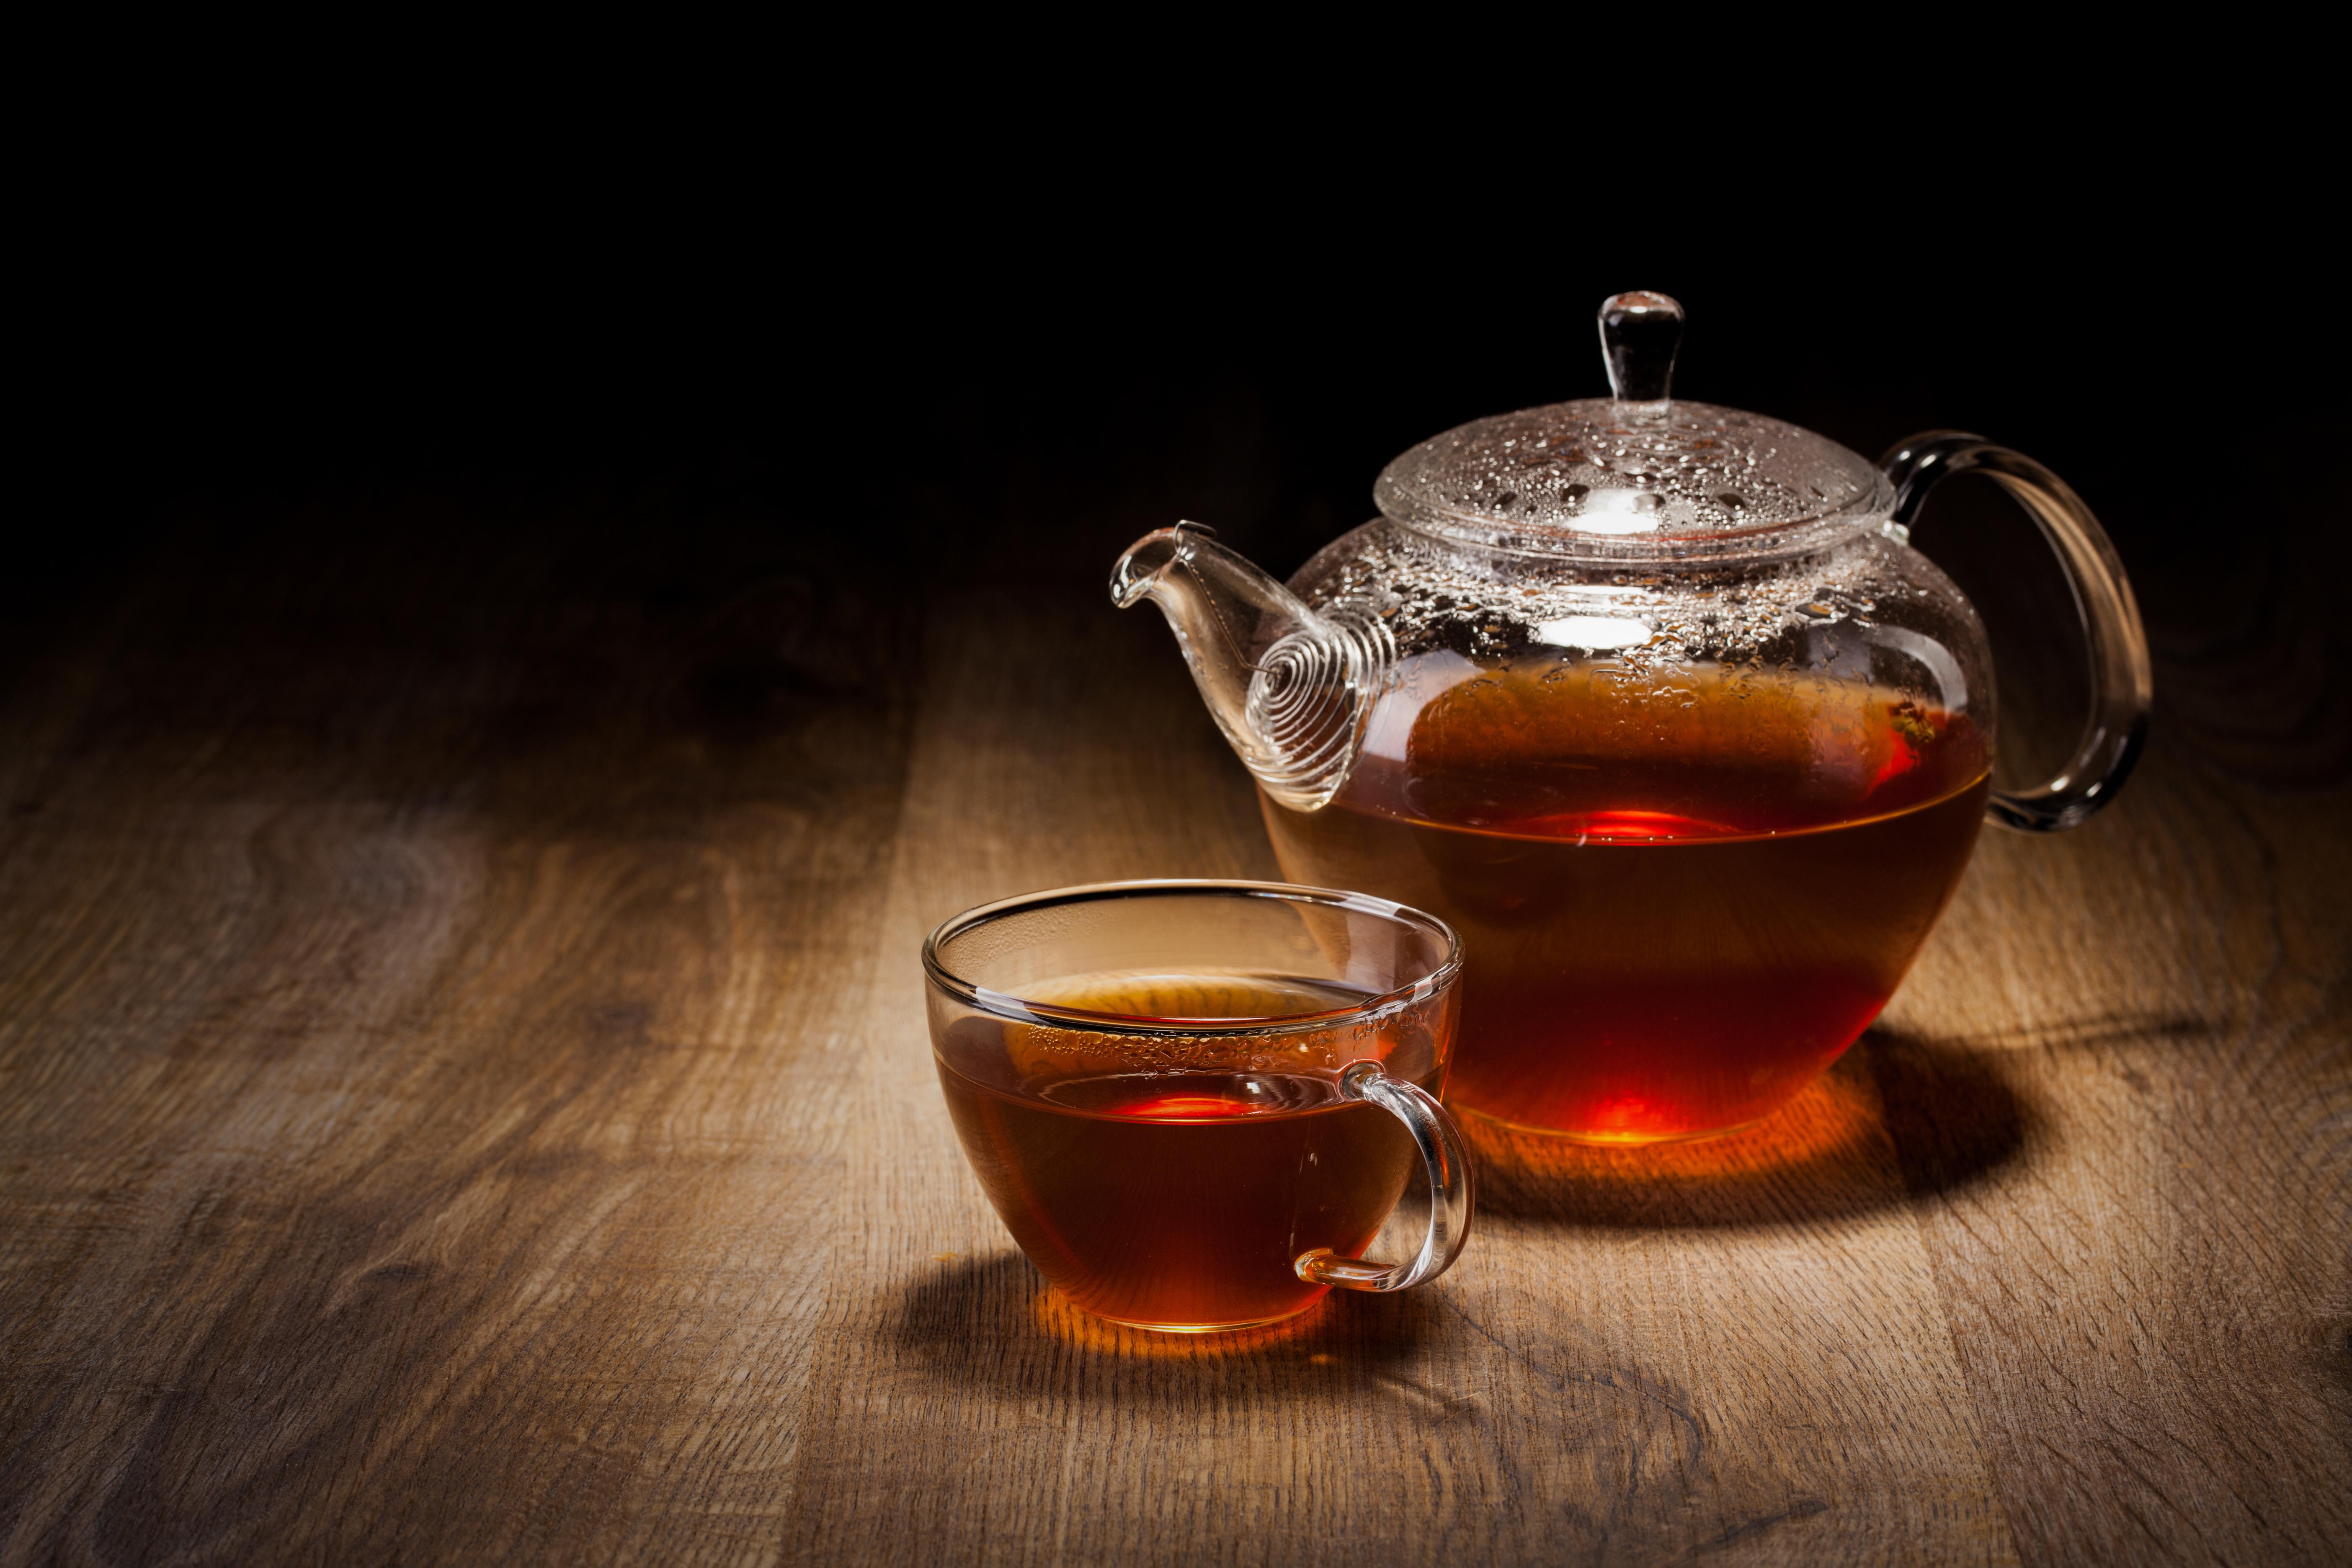 хлеб чай кружка чайник масло  № 2118906 бесплатно